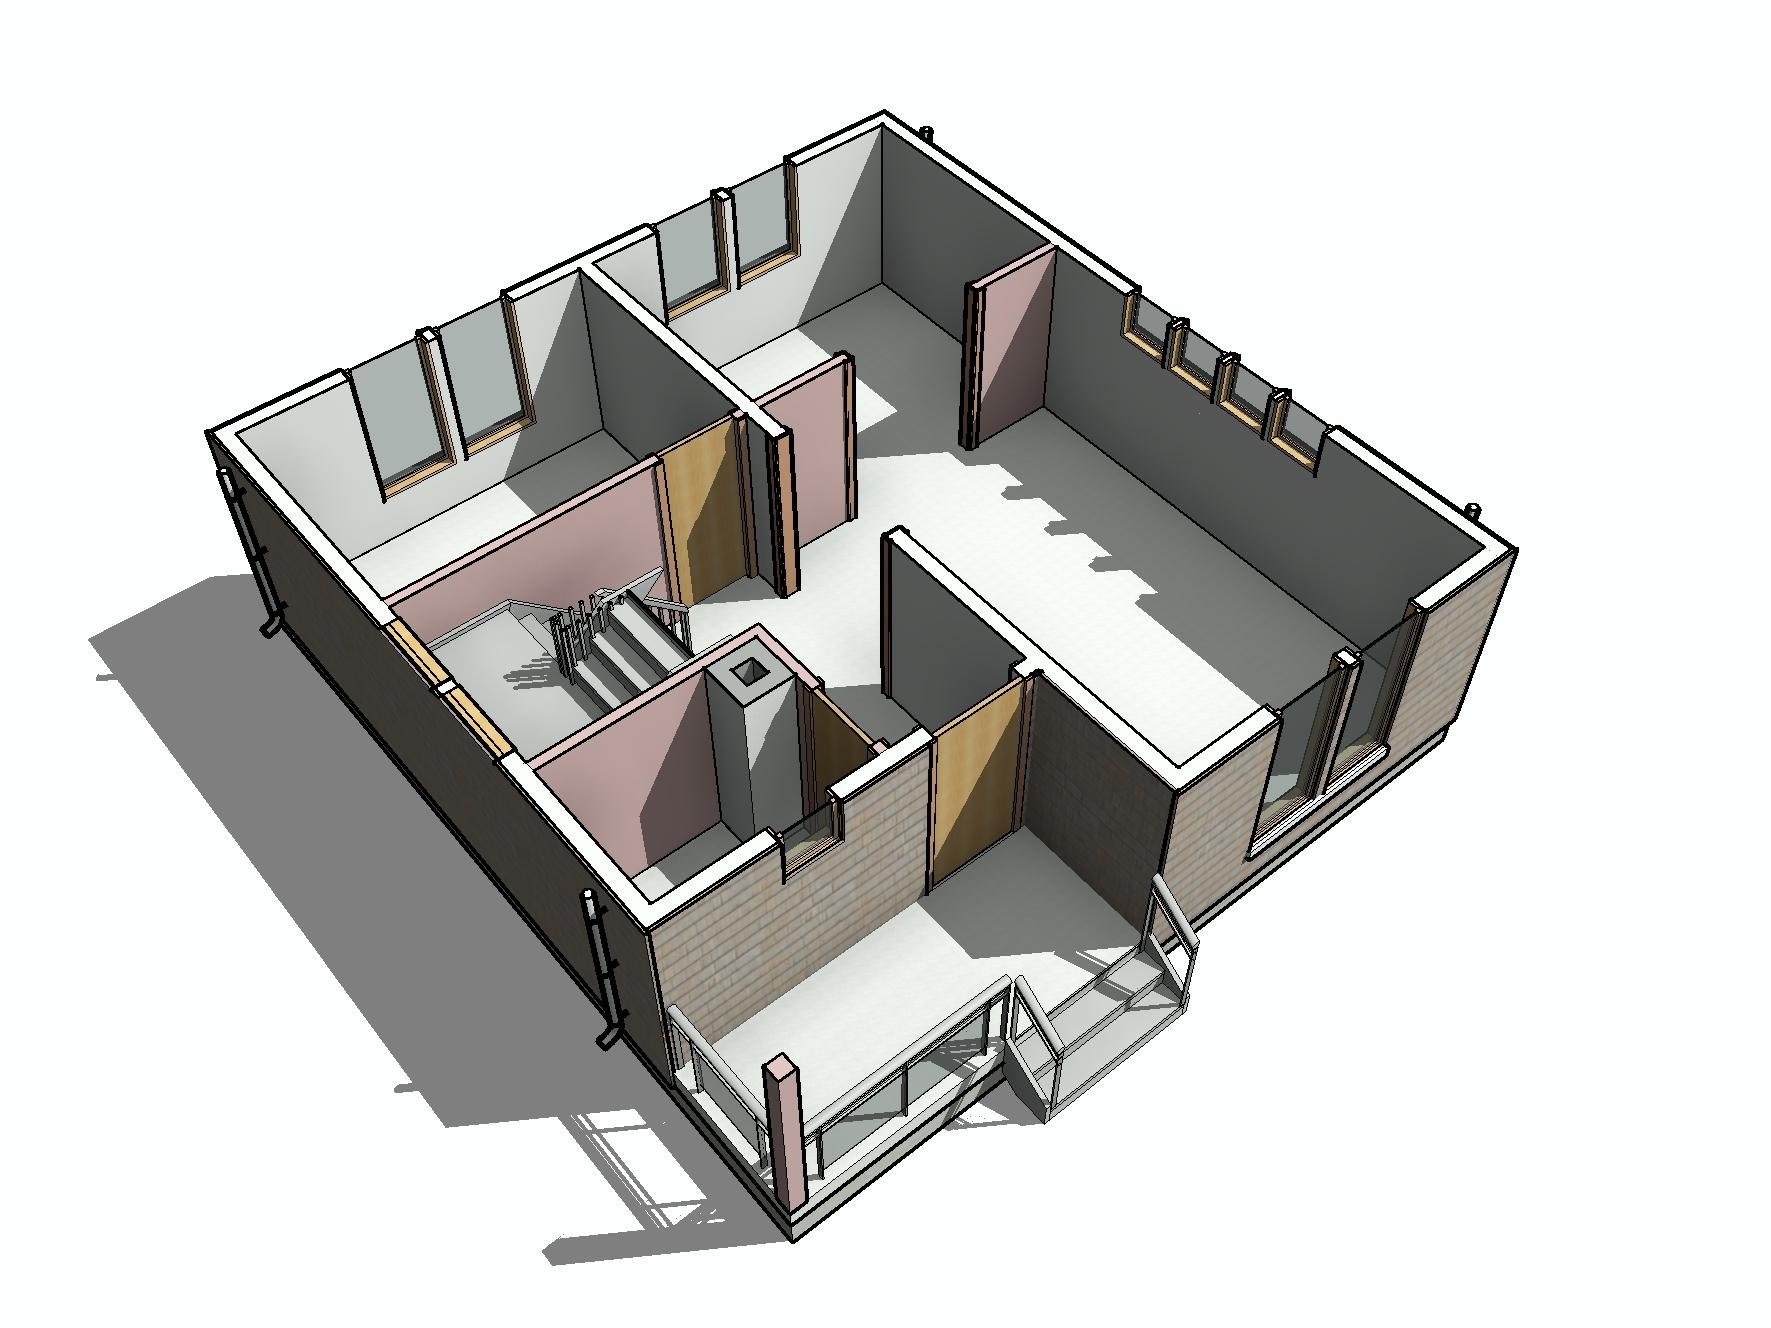 КД-31 - общий вид 1-го этажа